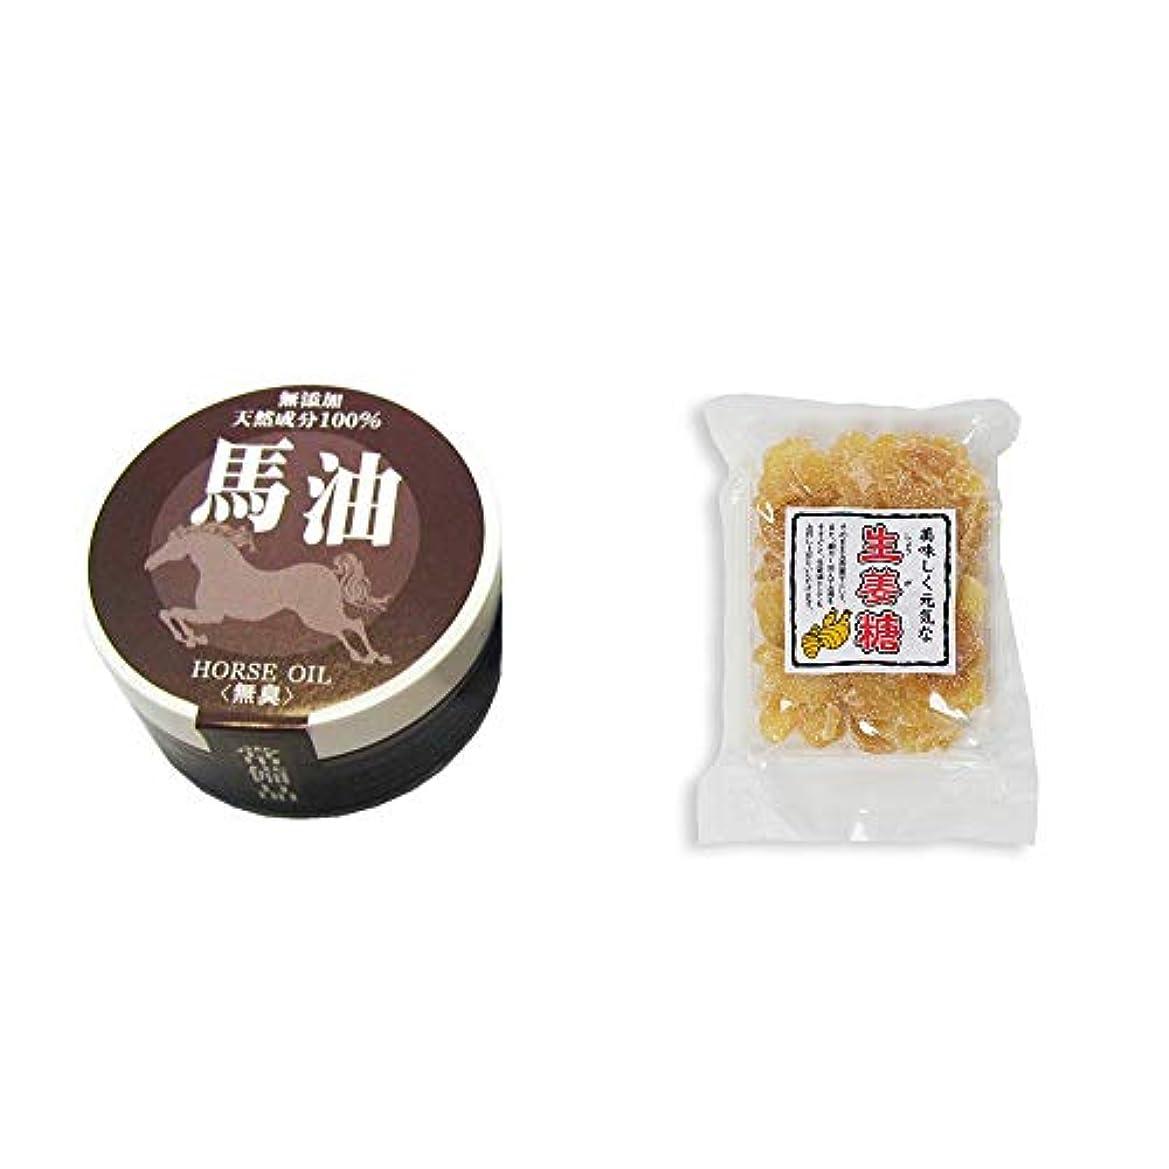 バイソンシャイ余分な[2点セット] 無添加天然成分100% 馬油[無香料](38g)?生姜糖(230g)